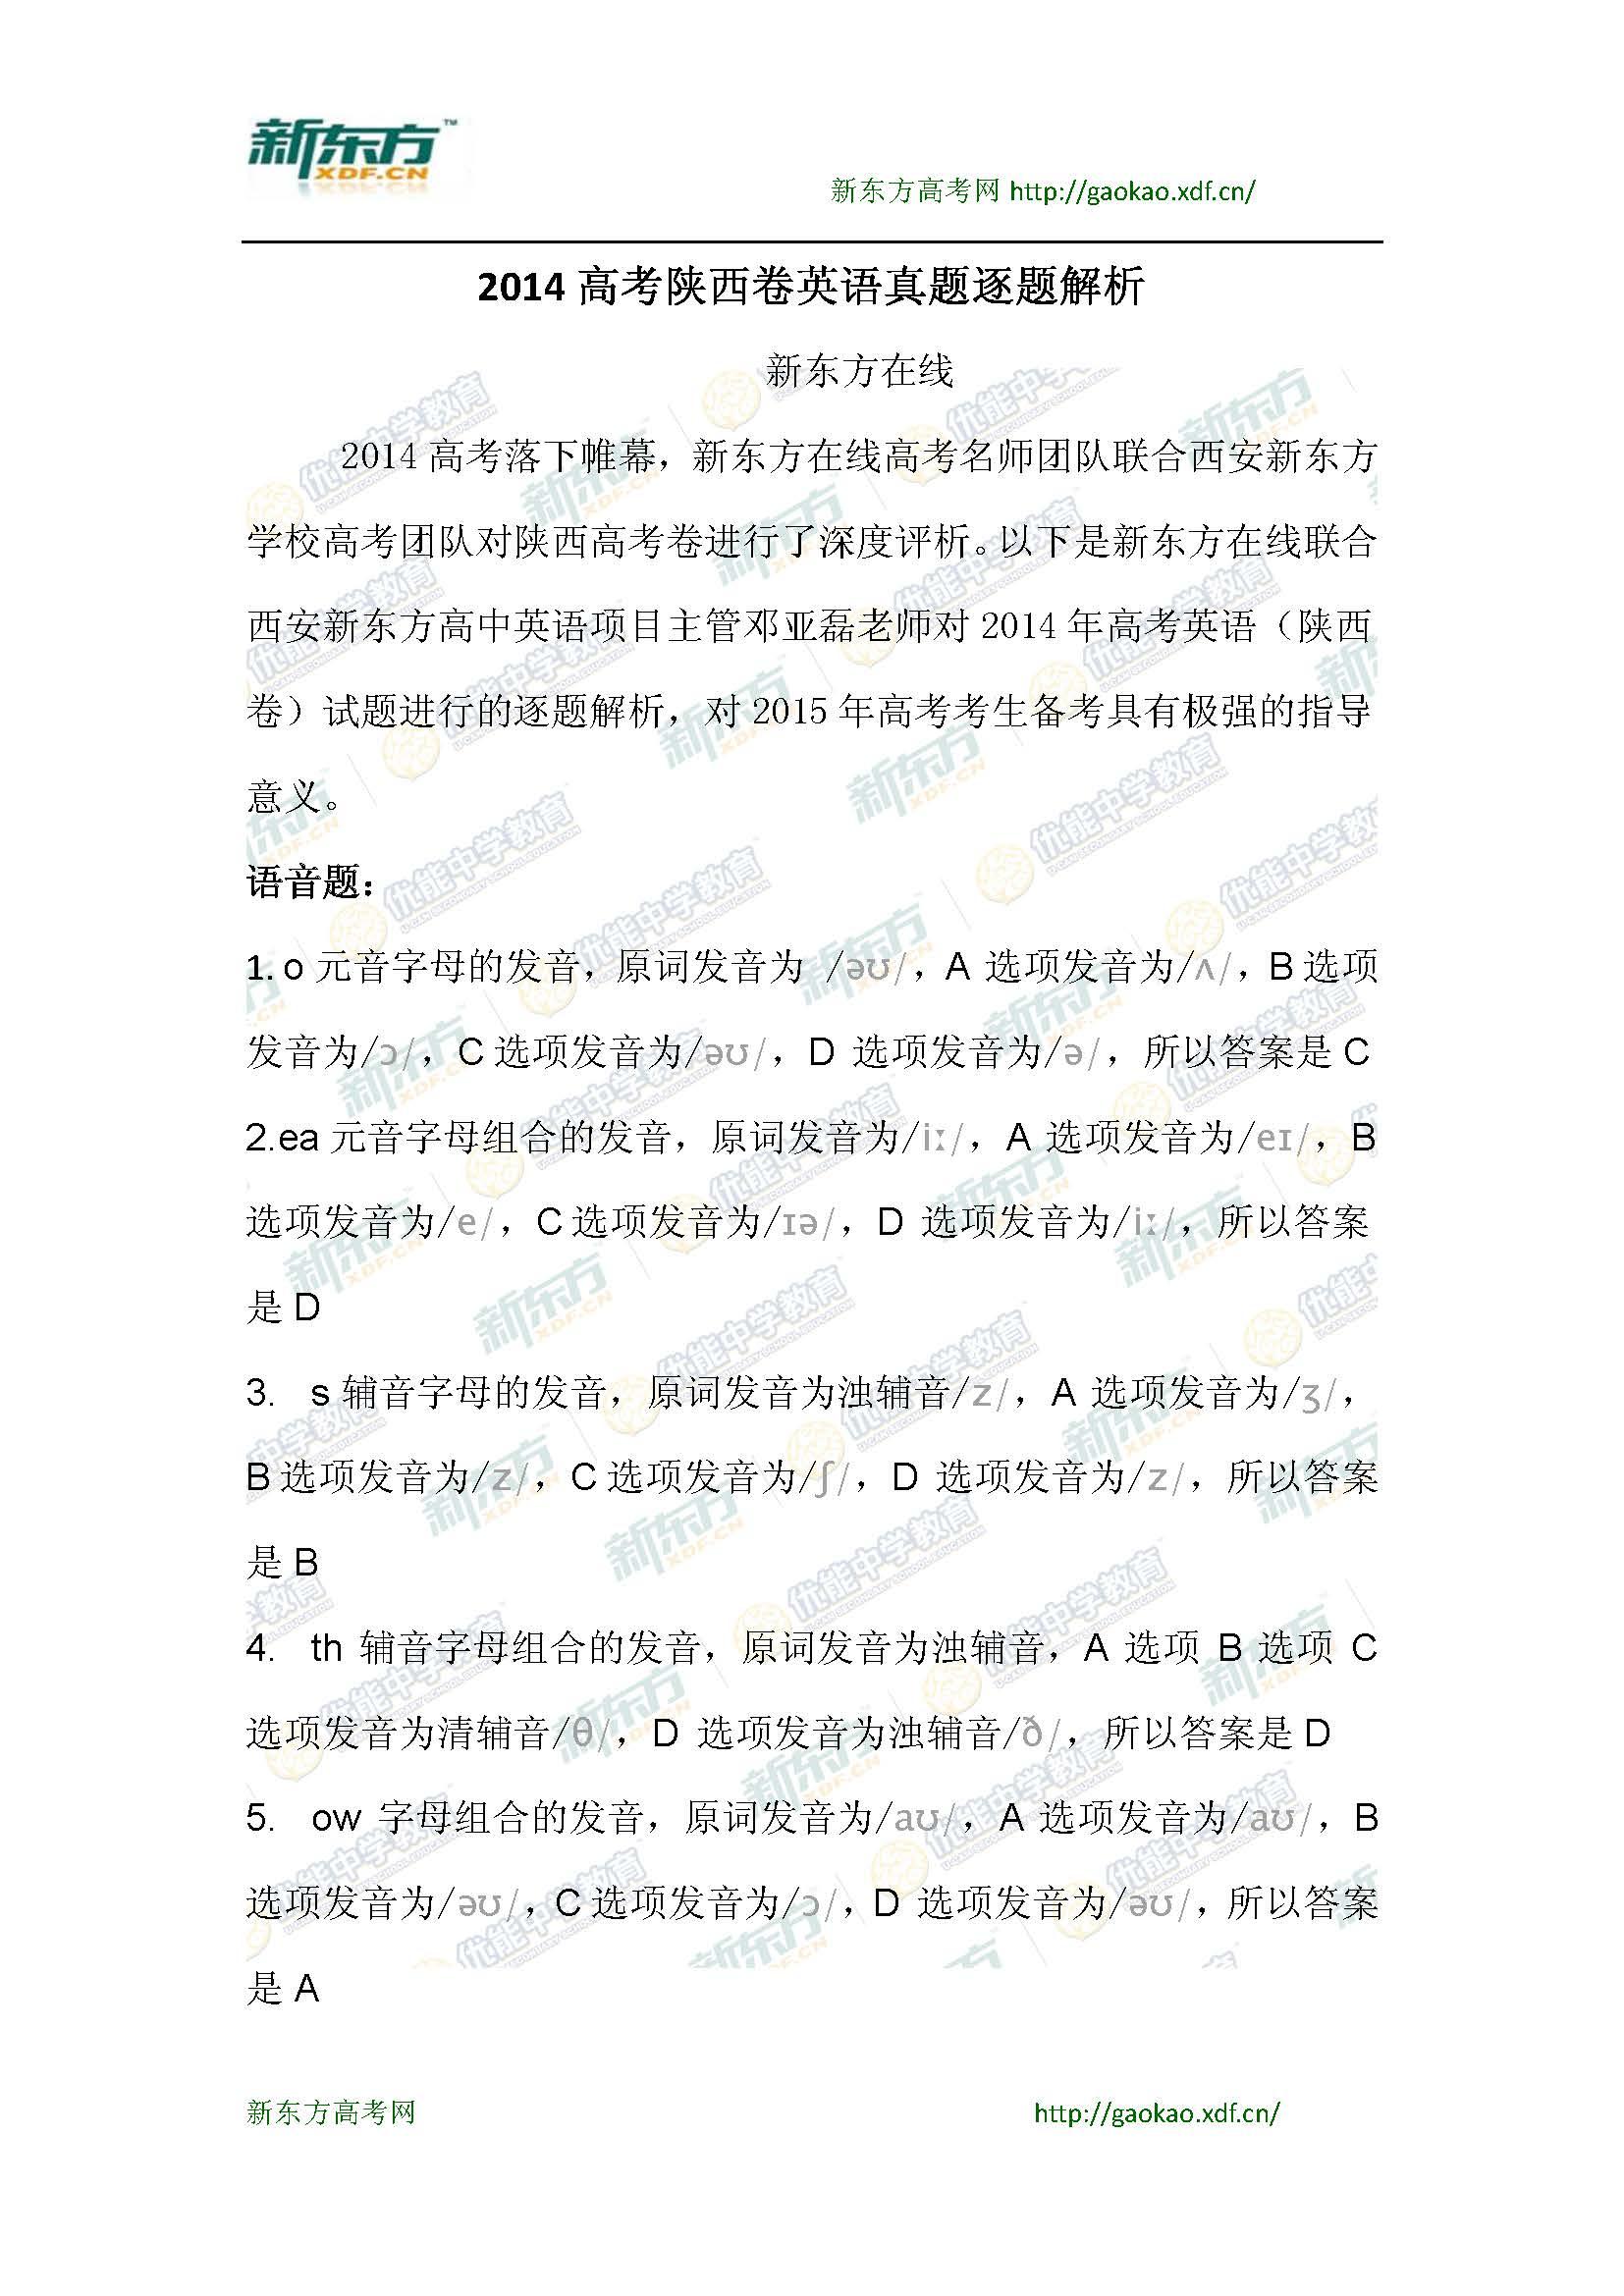 2014陕西高考英语试题及答案解析(新东方版)